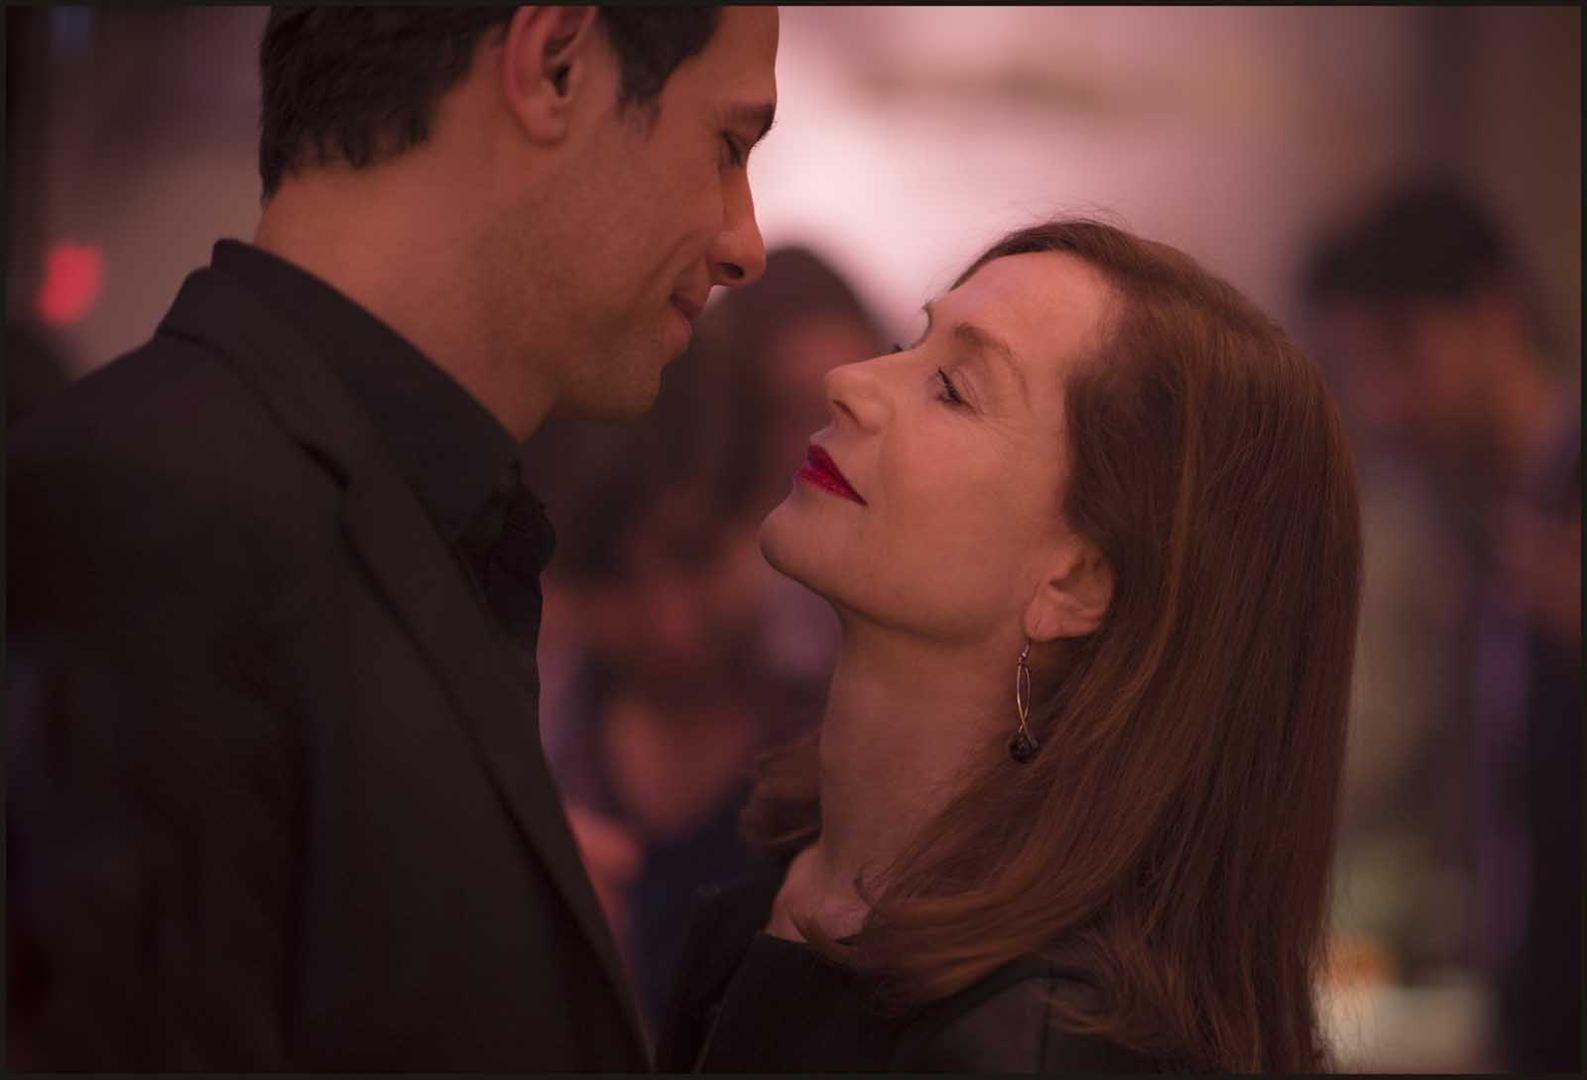 Elle (BANDE ANNONCE) de Paul Verhoeven avec Isabelle Huppert, Laurent Lafitte, Virginie Efira - Le 25 mai 2016 au cinéma (Compétition Cannes 2016)